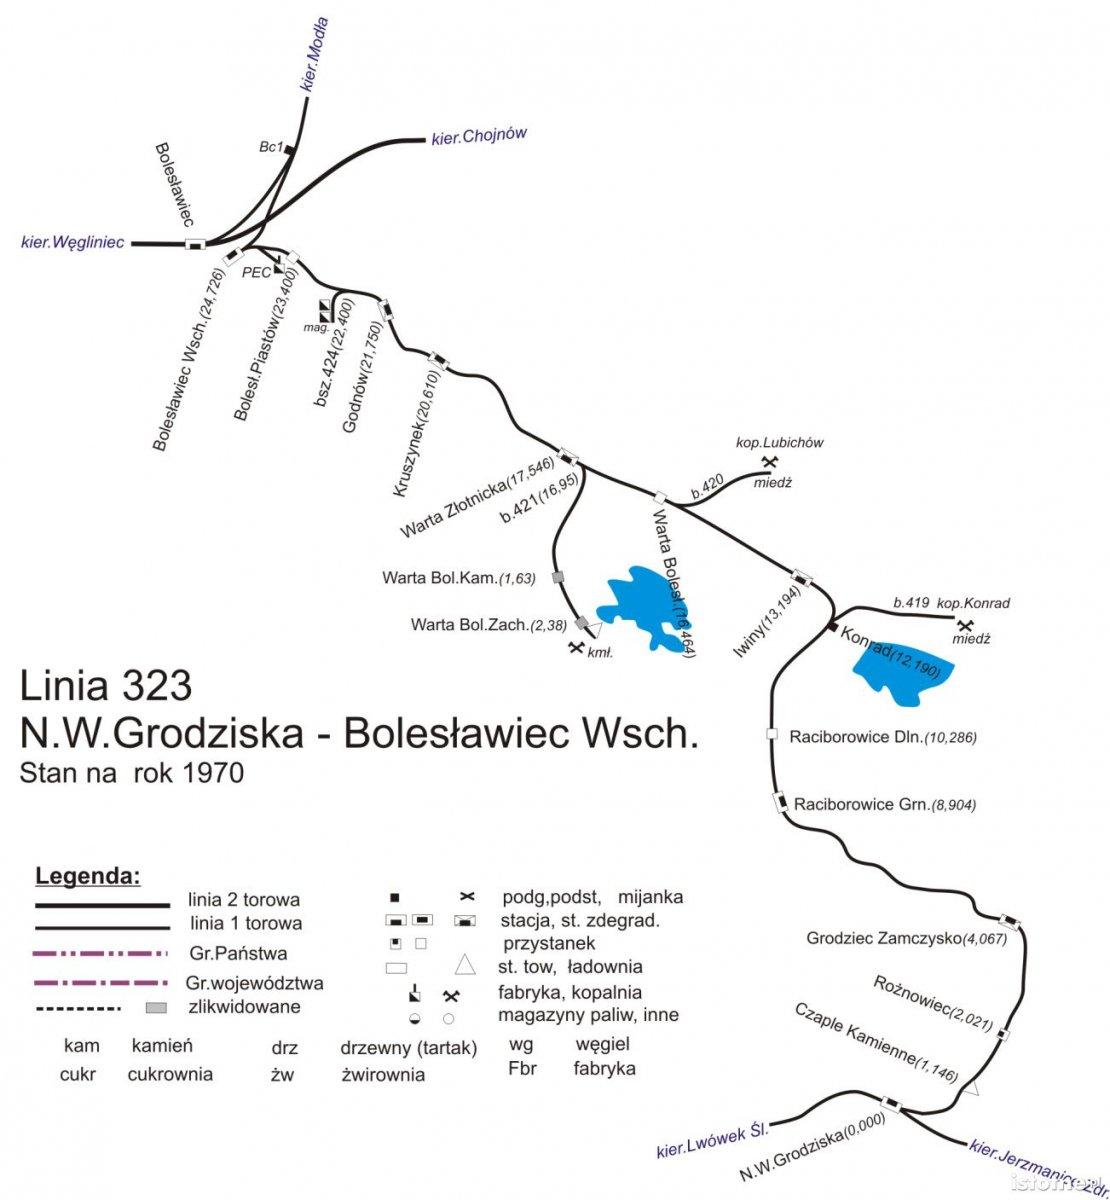 Plan linii Bolesławiec Wschodni – Nowa Wieś Grodziska